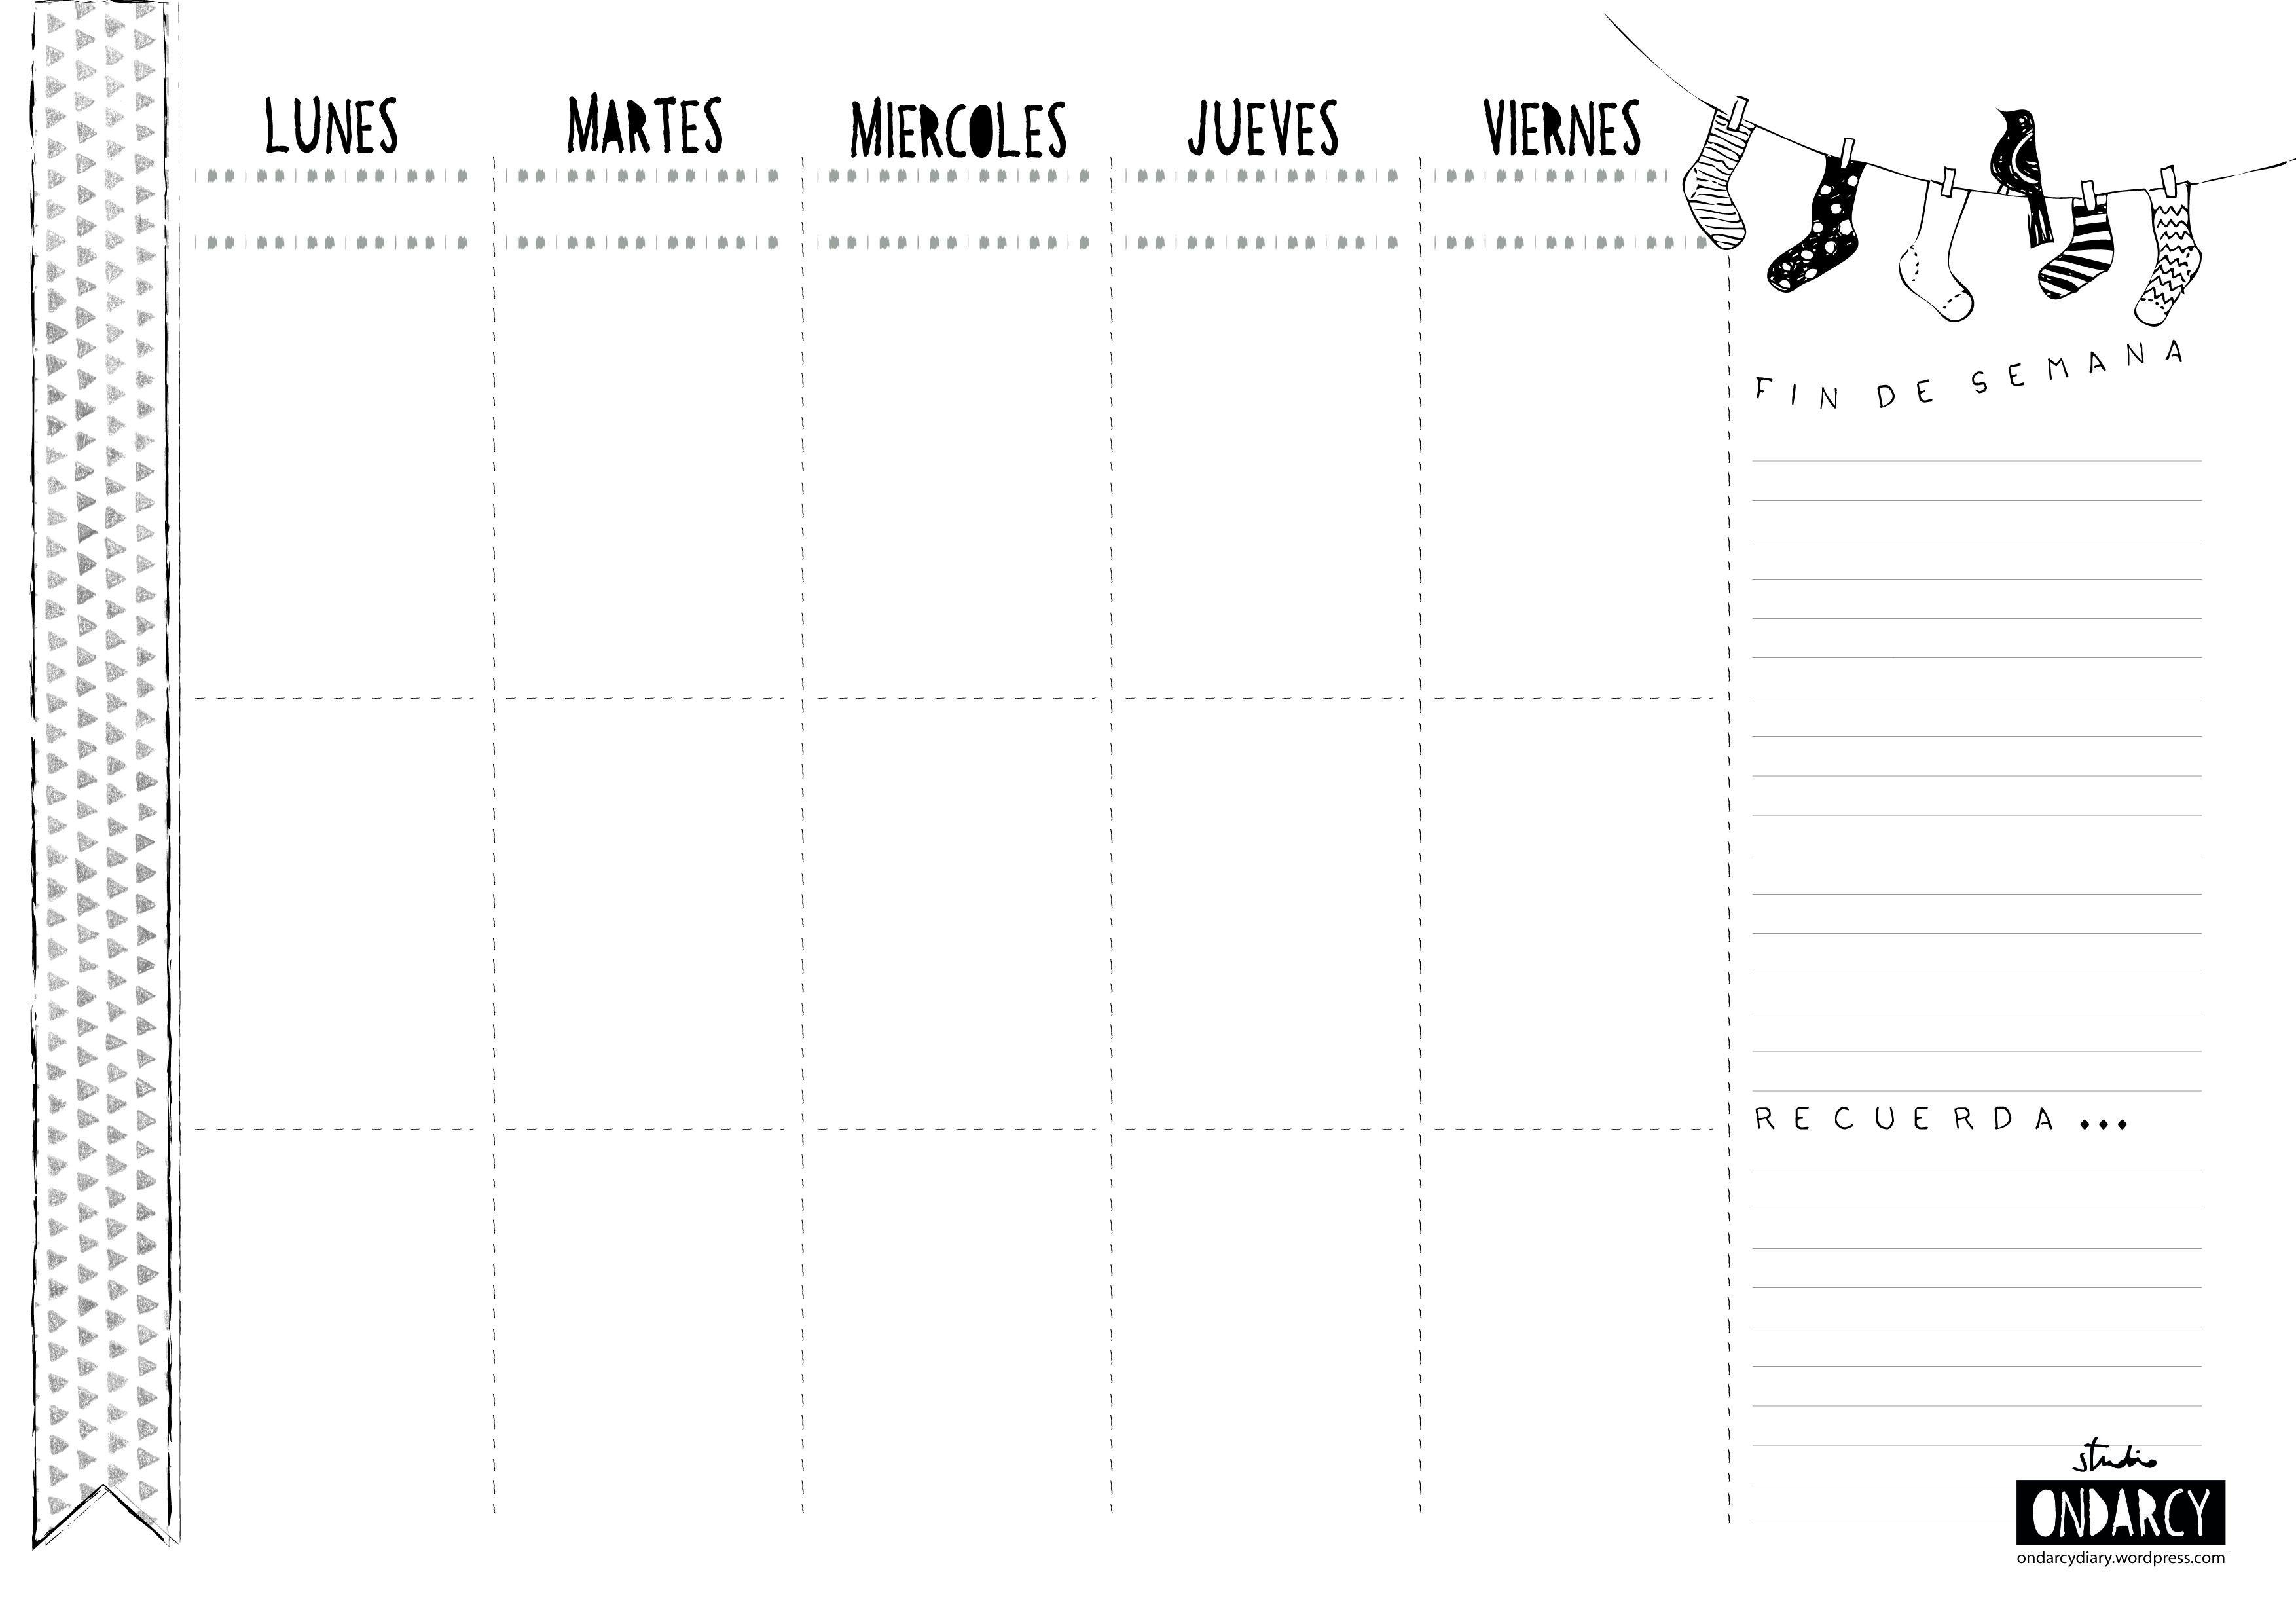 Calendario 2019 Escolar Zaragoza Más Populares Planning Semanal Calendario 2017 Pinterest Of Calendario 2019 Escolar Zaragoza Más Reciente El Giraldillo todos Los eventos Del 26 De Mayo En andaluca